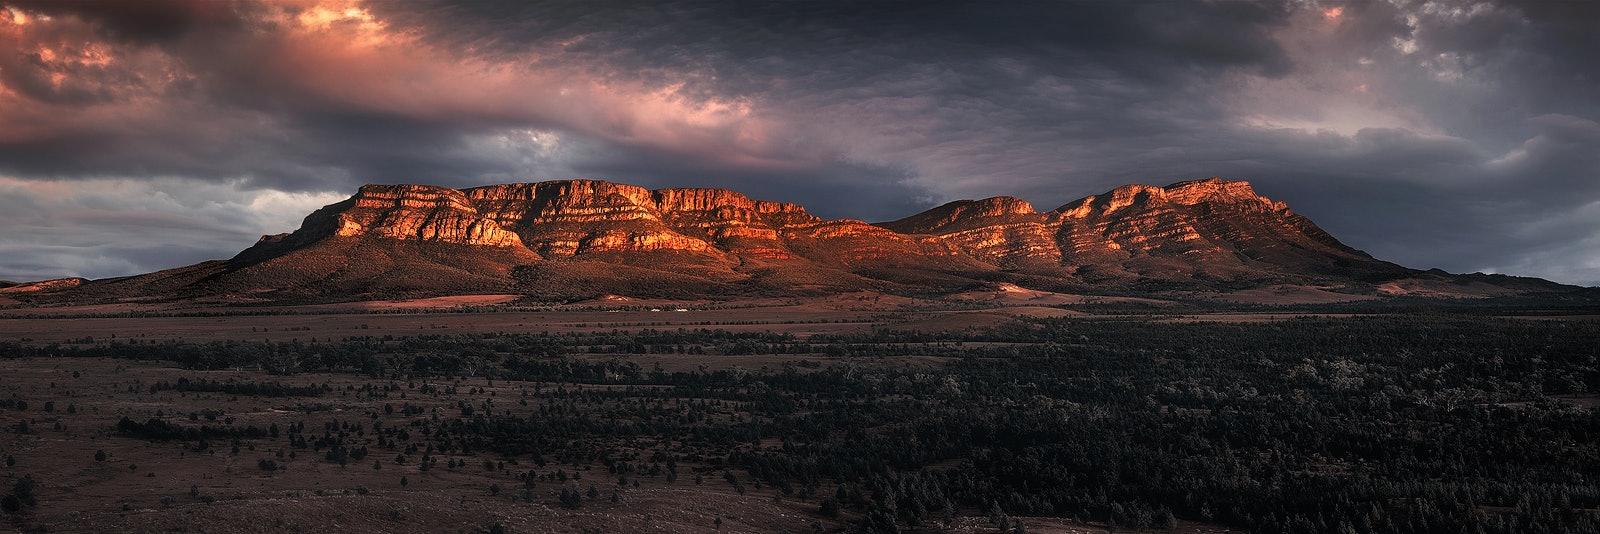 Ikara - Flinders Ranges, SA